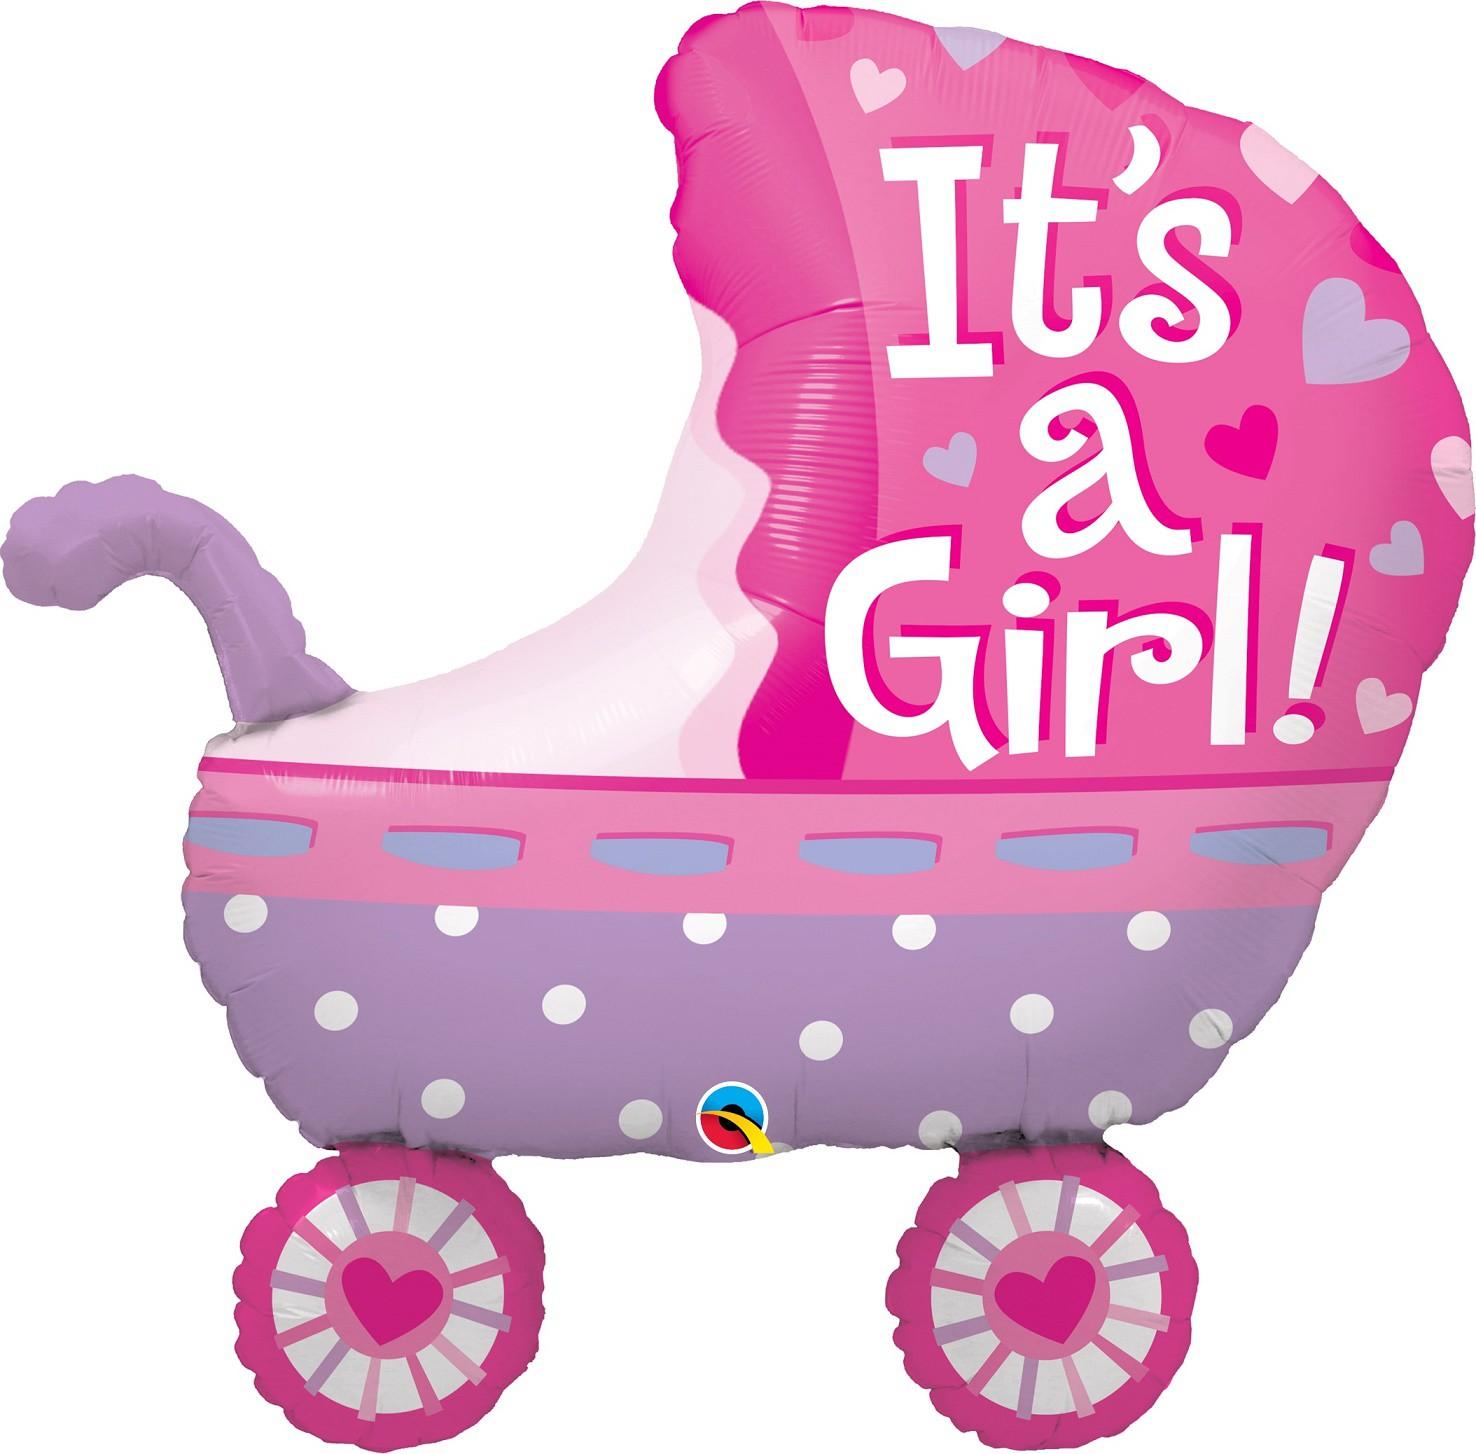 BALÃO METALIZADO - IT'S A GIRL BABY STROLLER - 35 POLEGADAS - QUALATEX #43289